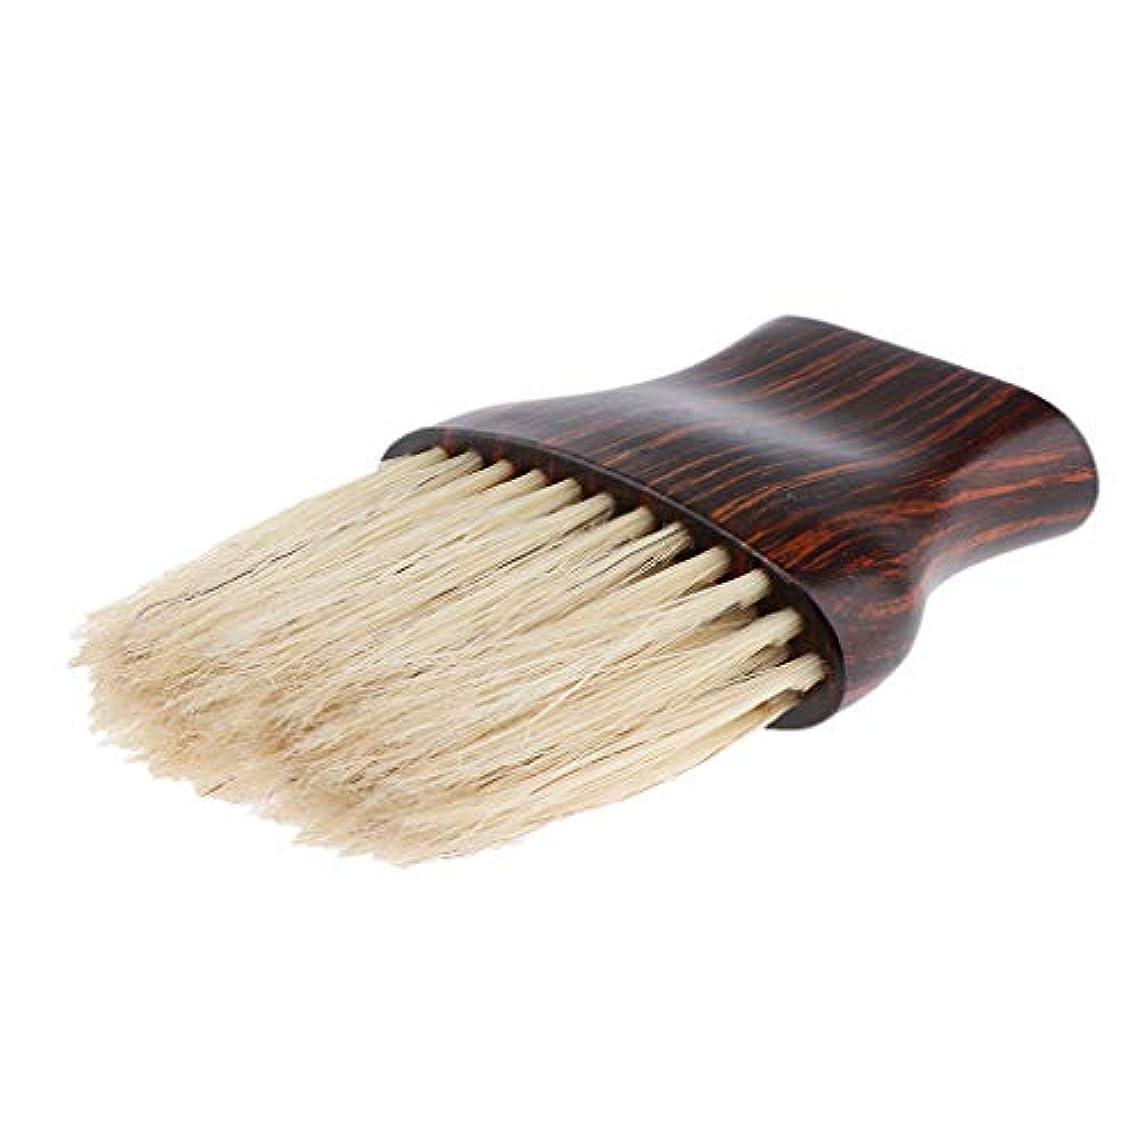 財産女将ブラジャーF Fityle ネックダスターブラシ ヘアカットブラシ クリーニング ヘアブラシ 理髪美容ツール